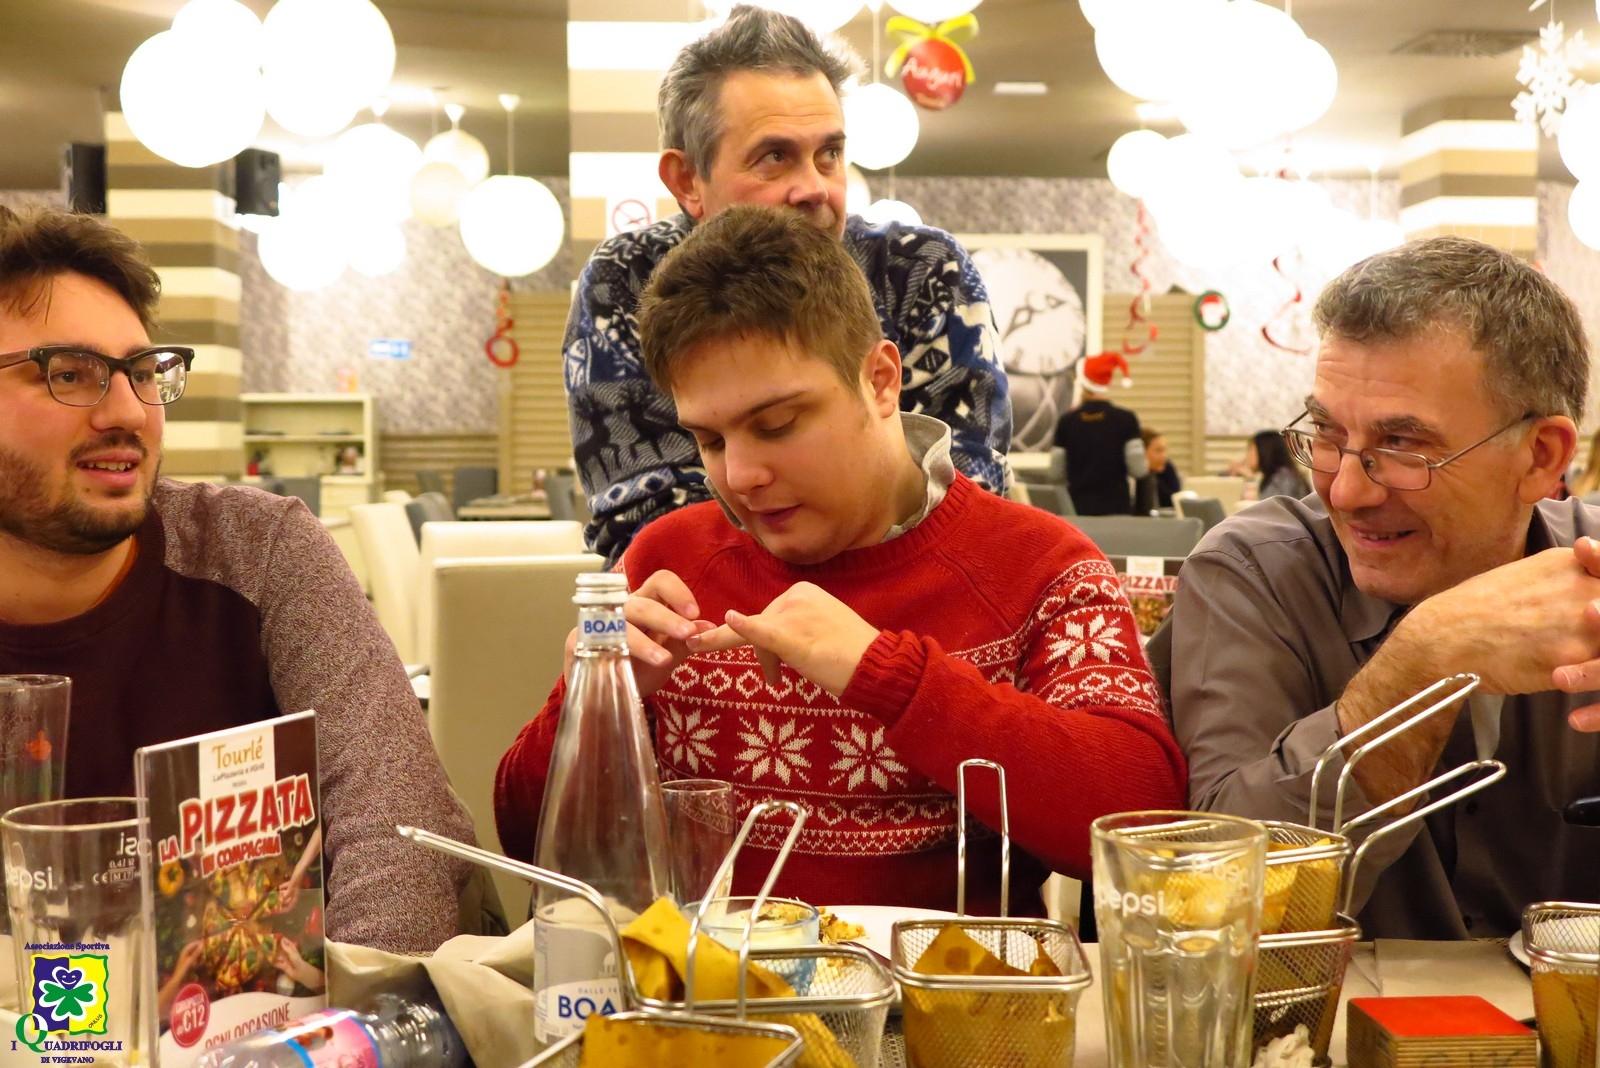 Cena di Natale iquadrifogli 18-12-2018 - 086